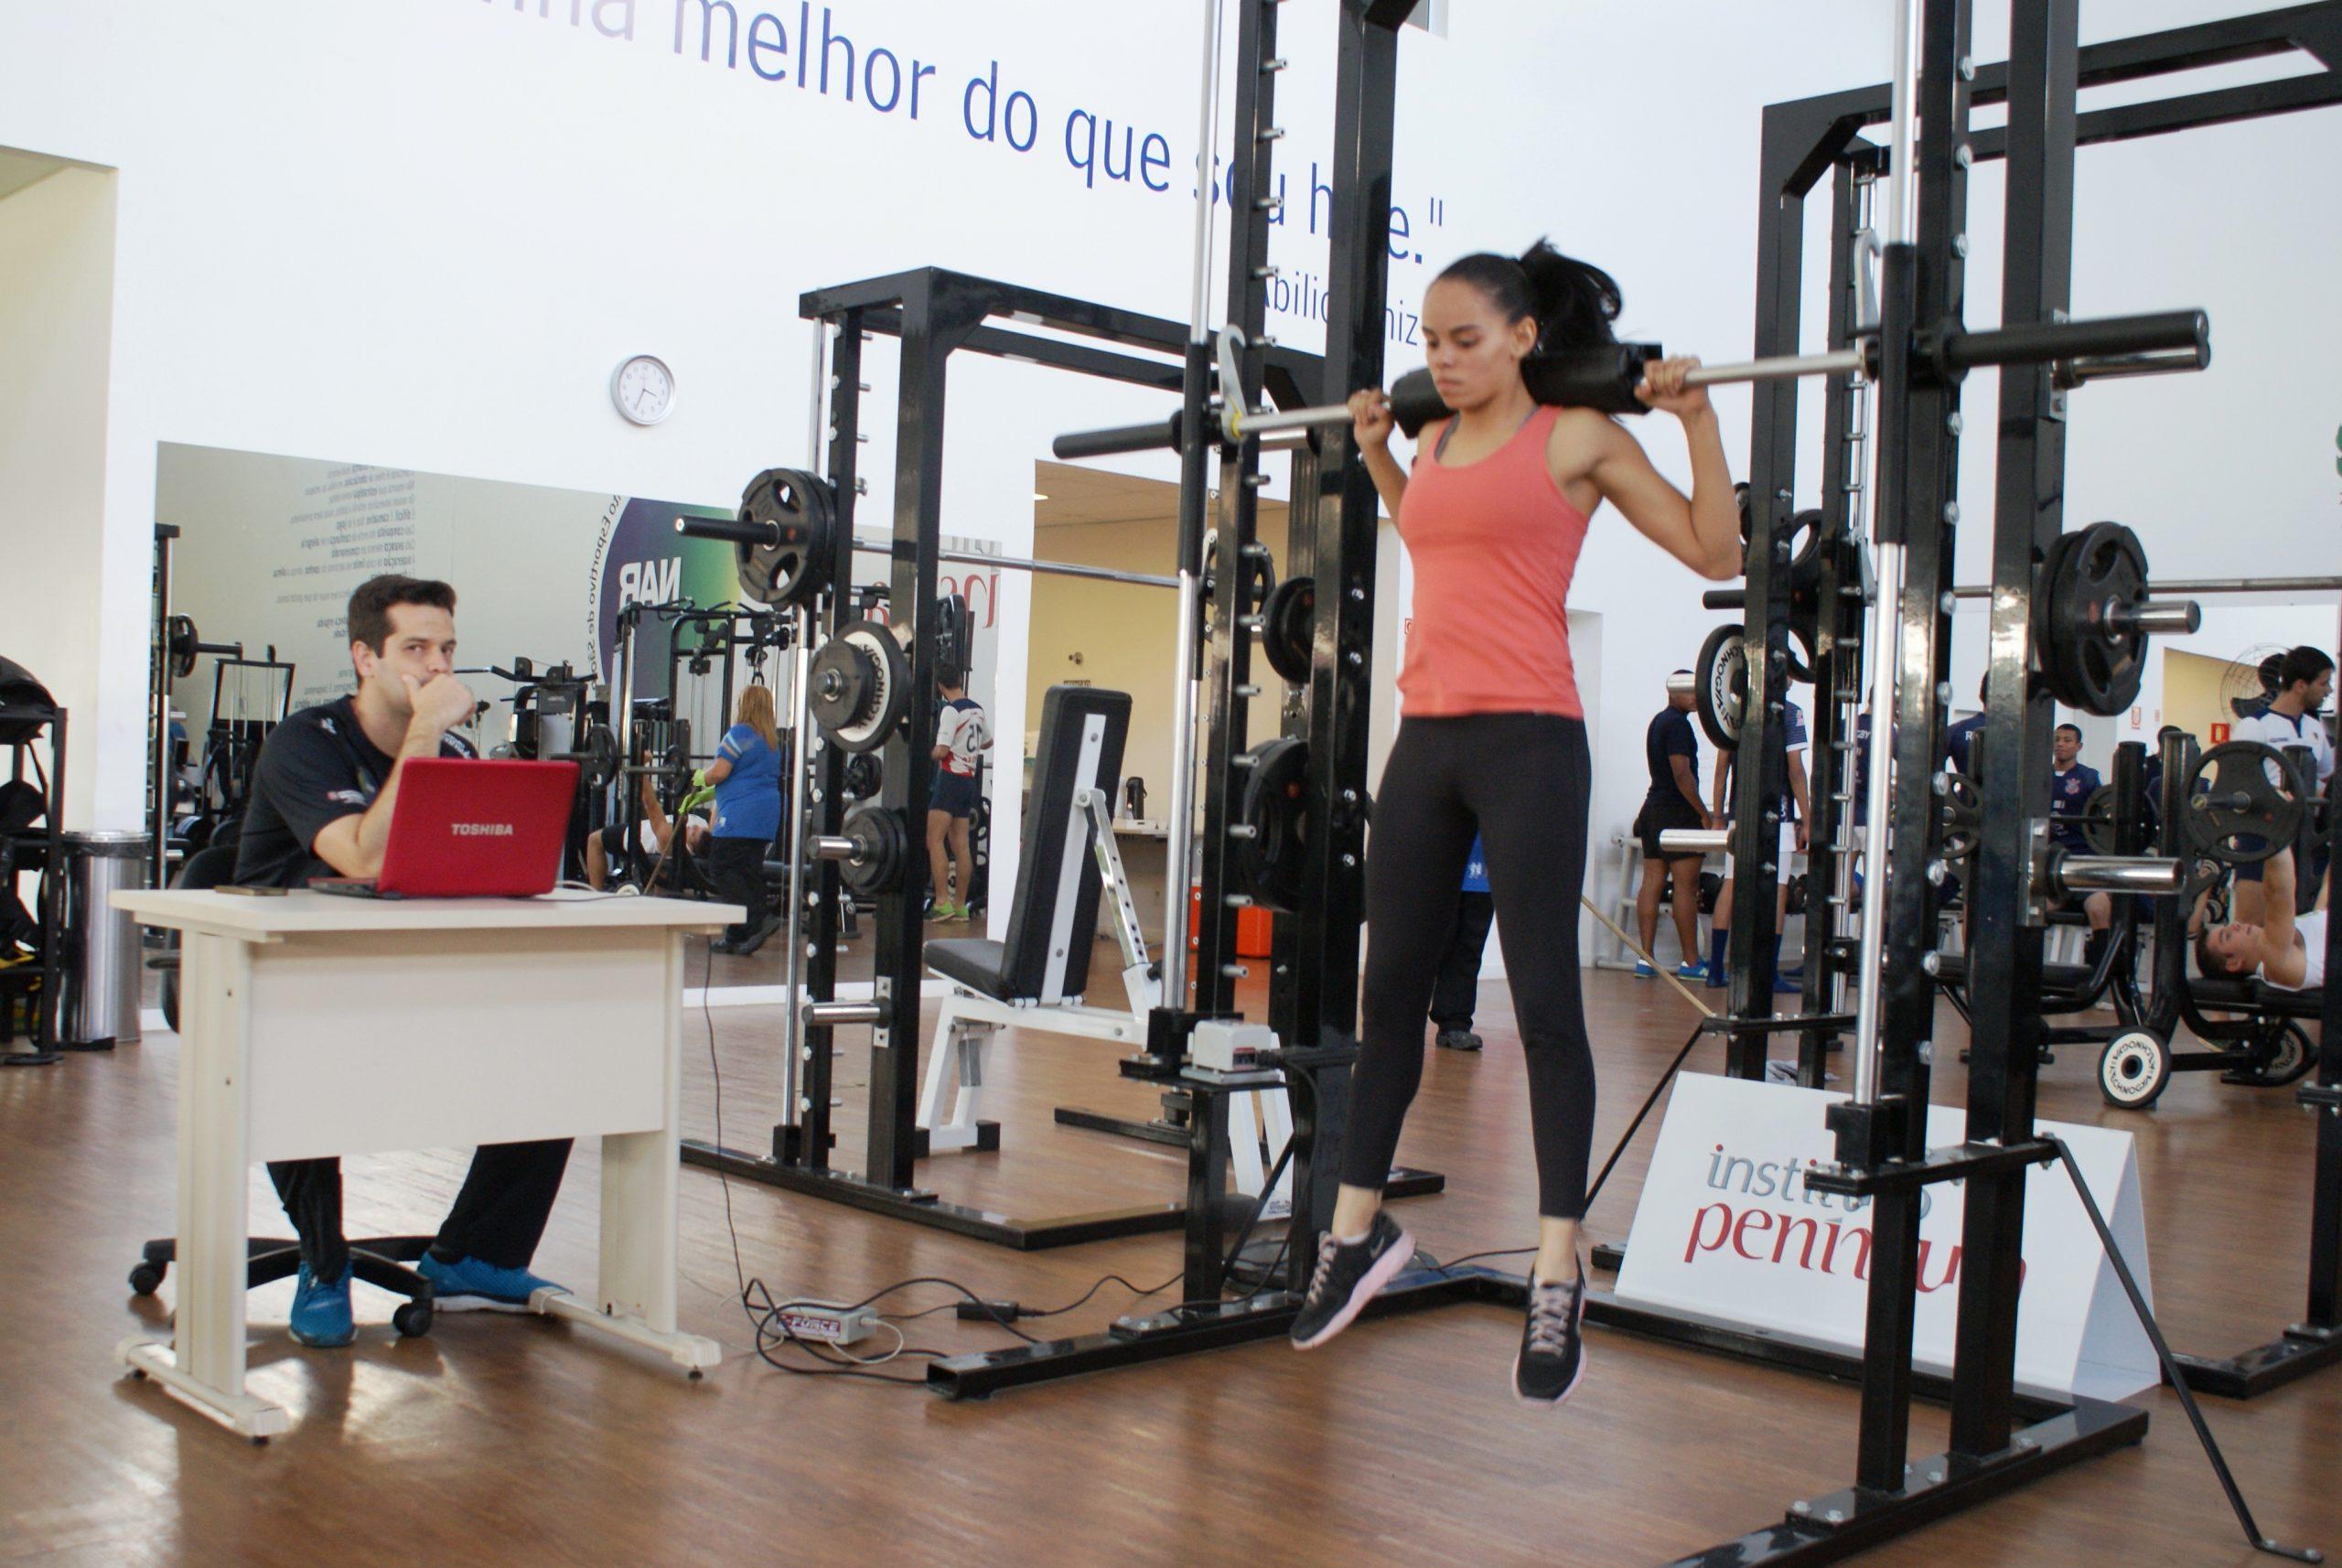 Josi Santos inicia treinamento para Jogos Olímpicos de Inverno de 2018